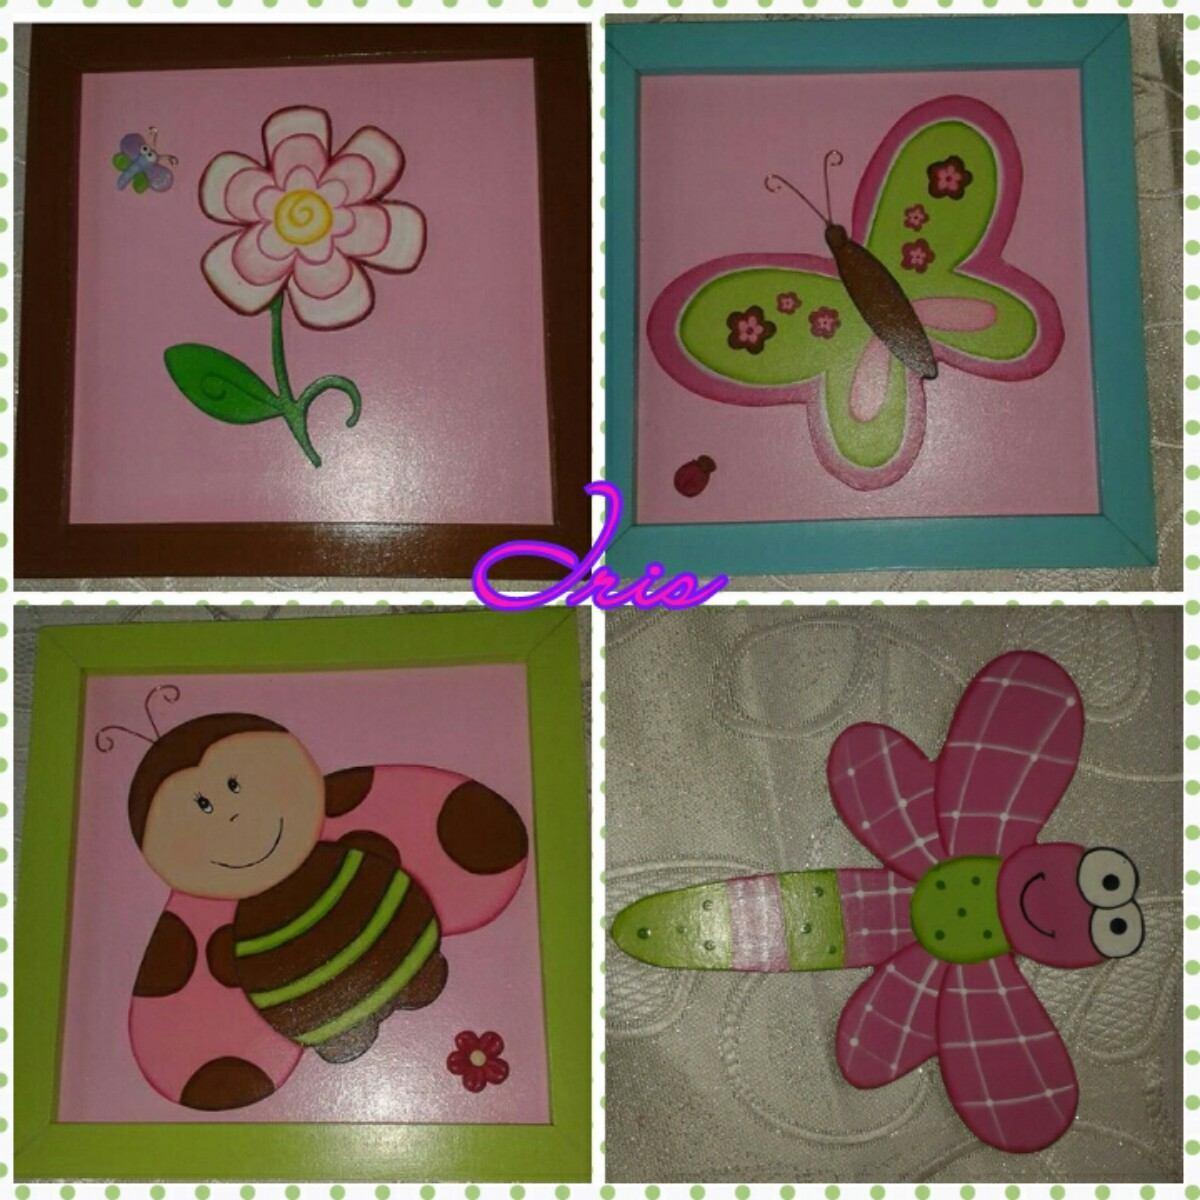 Cuadros infantiles decorativos en mdf bs en for Espejos decorativos infantiles